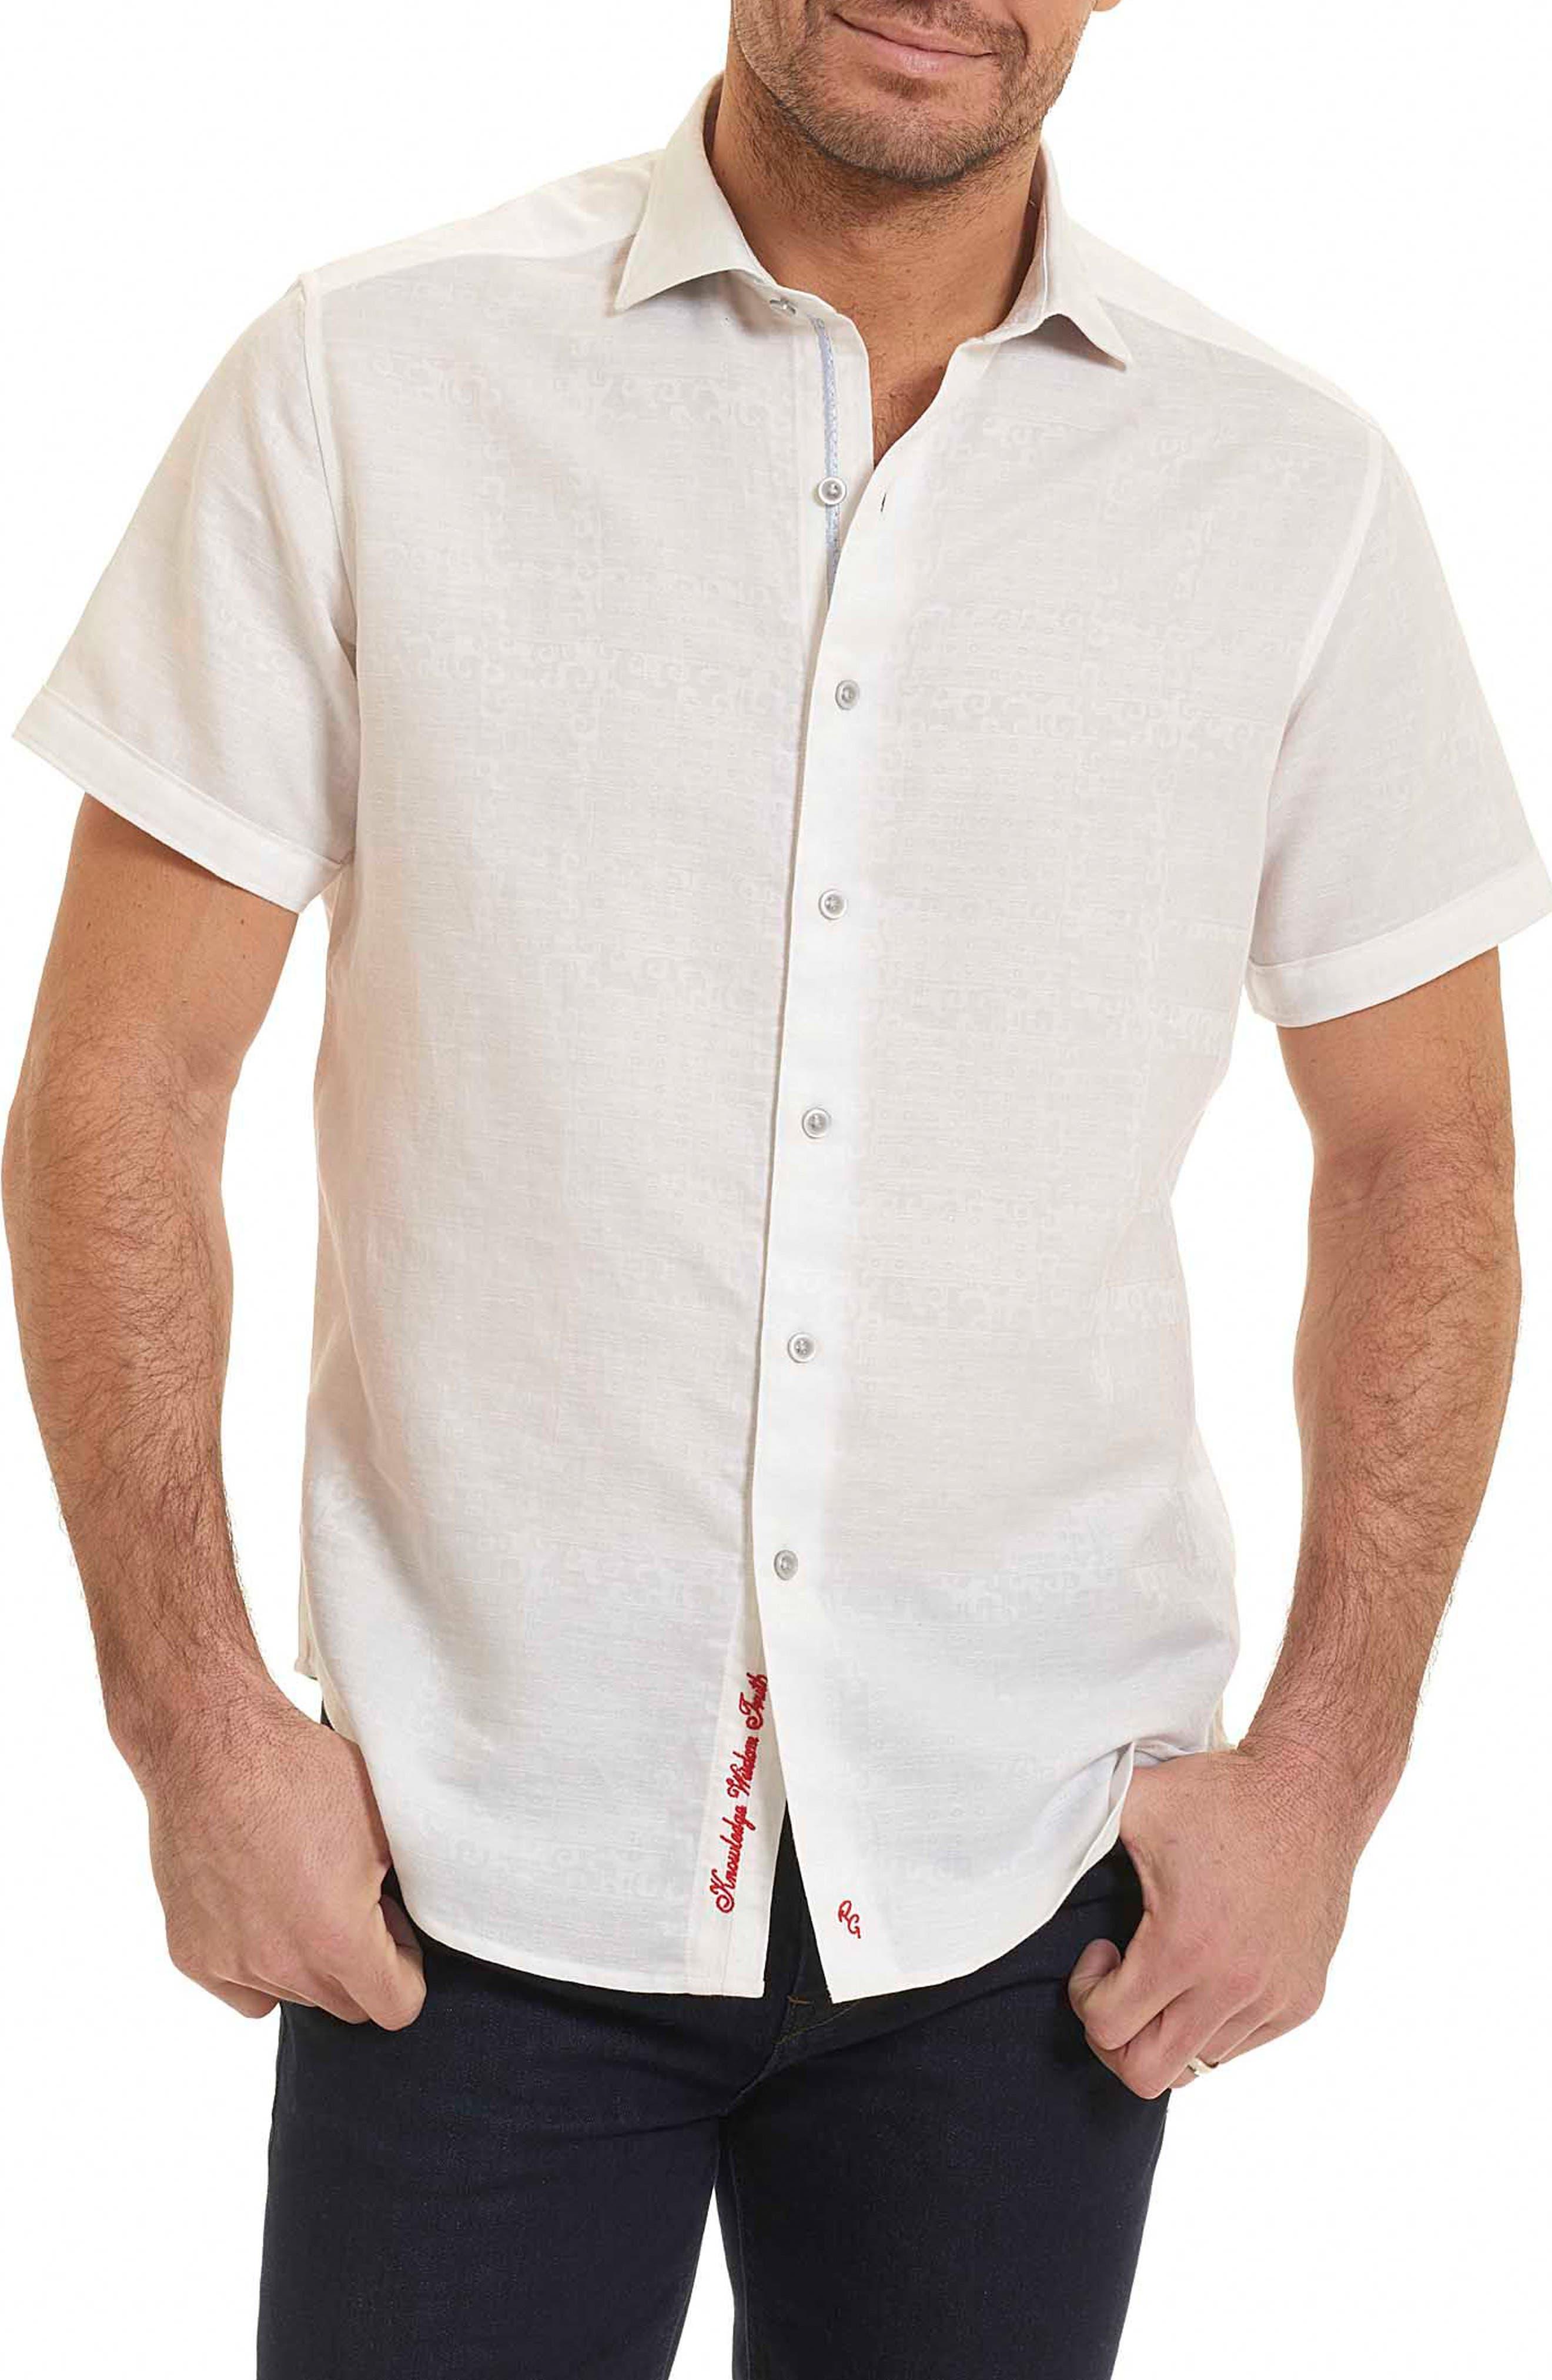 Morley Sport Shirt,                             Main thumbnail 1, color,                             100